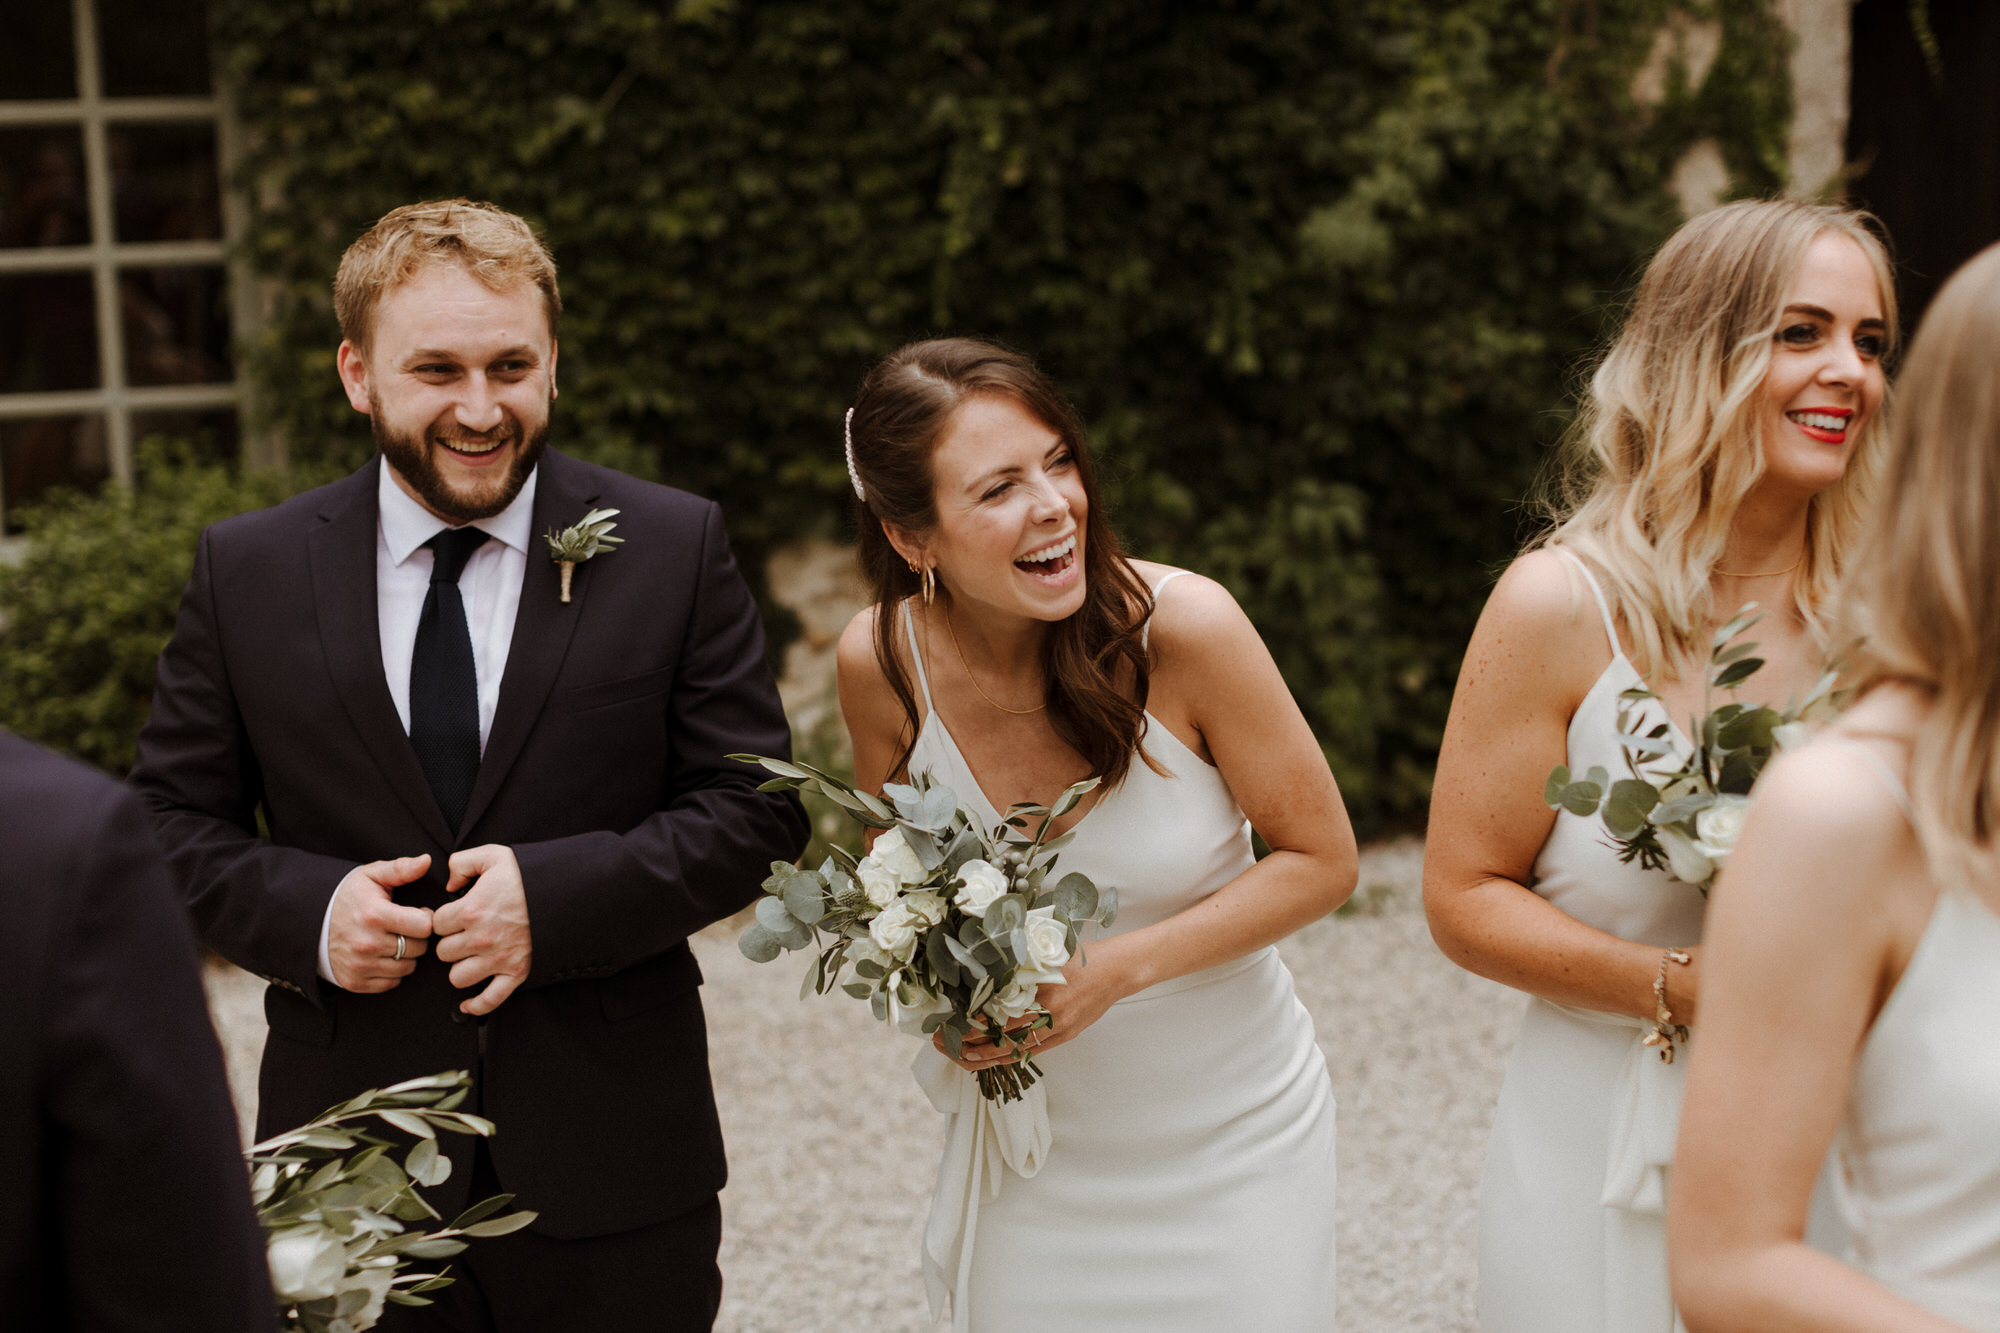 Chateau Rigaud Wedding Photography 16-38-48-1Q5A2462-R+L.jpg